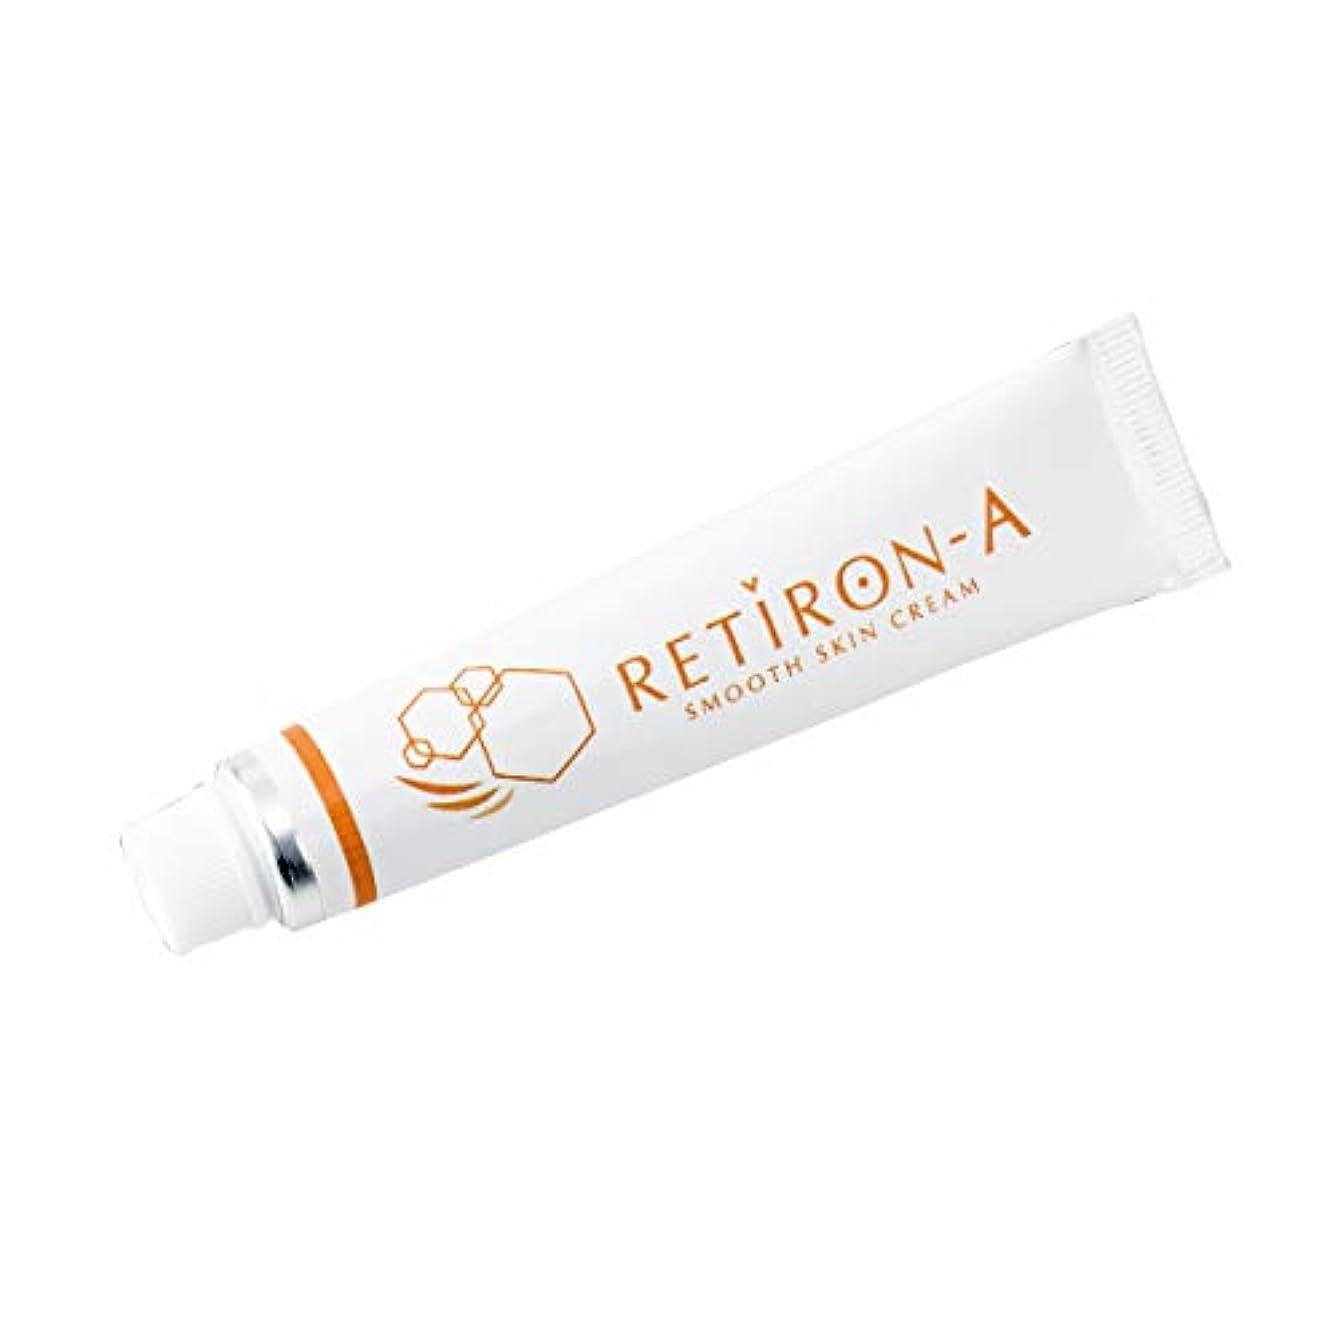 泥だらけプレフィックス素子クリーム 化粧品 レチノール配合 レチロンA パラベンフリー